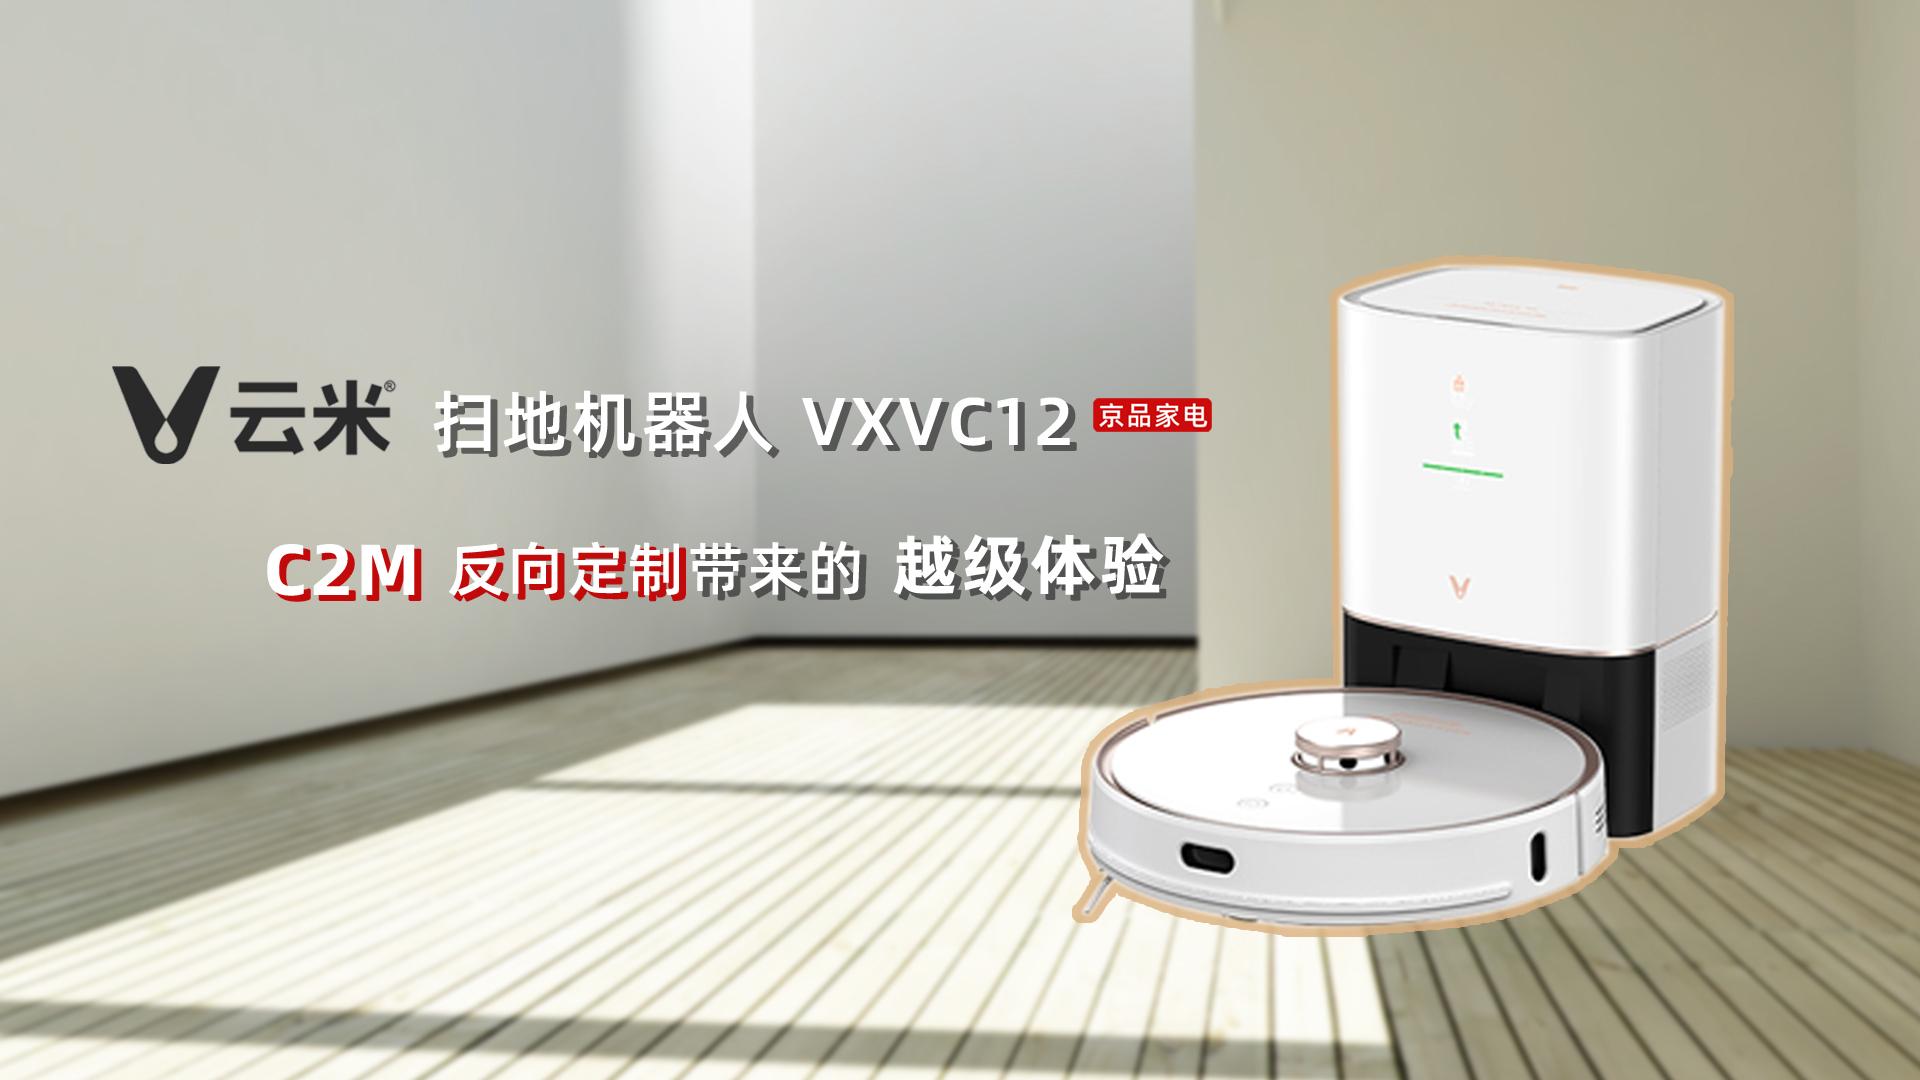 【品智】云米VXVC12:C2M反向定制带来的越级体验